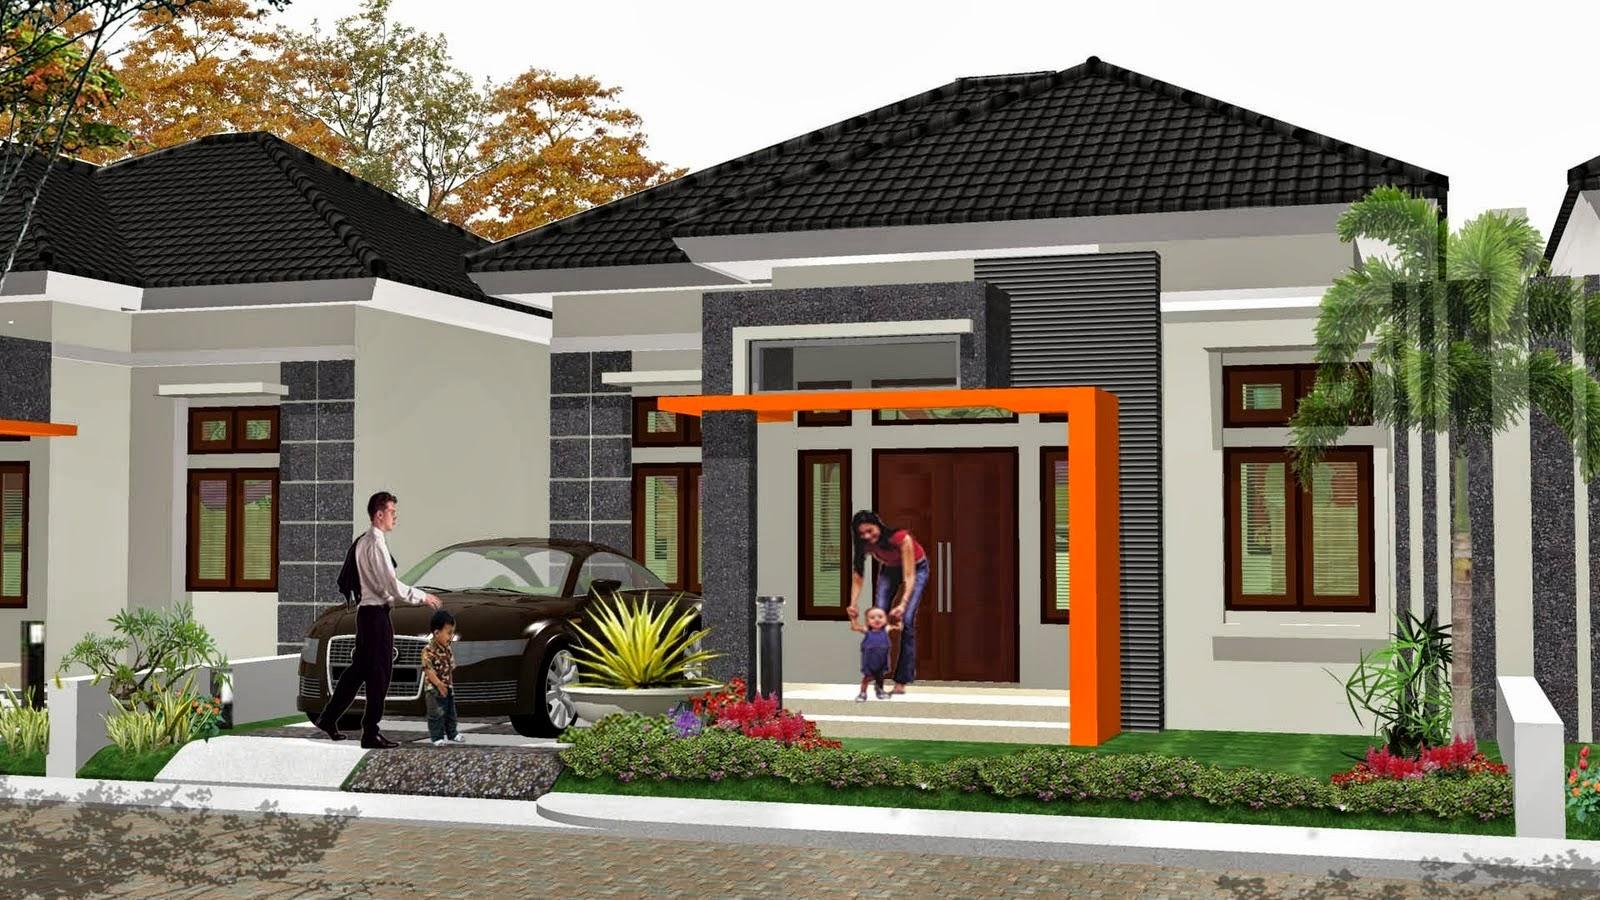 Apakah anda sedang mencari tumpuan Model Rumah Sederhana Contoh Model Rumah Sederhana